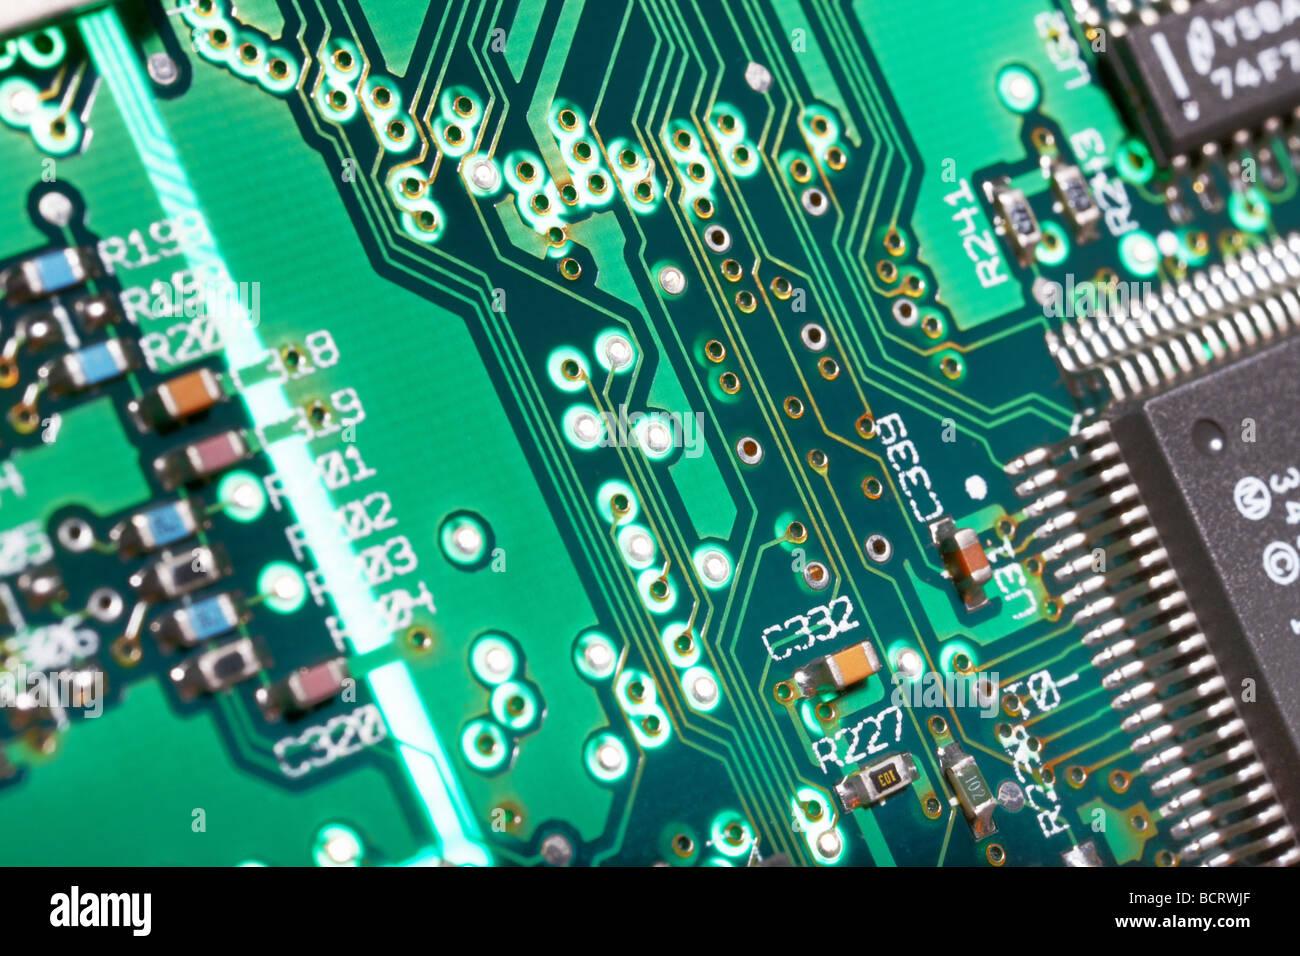 Nahaufnahme von der Leiterbahn von einem Desktop-Computer-motherboard Stockbild